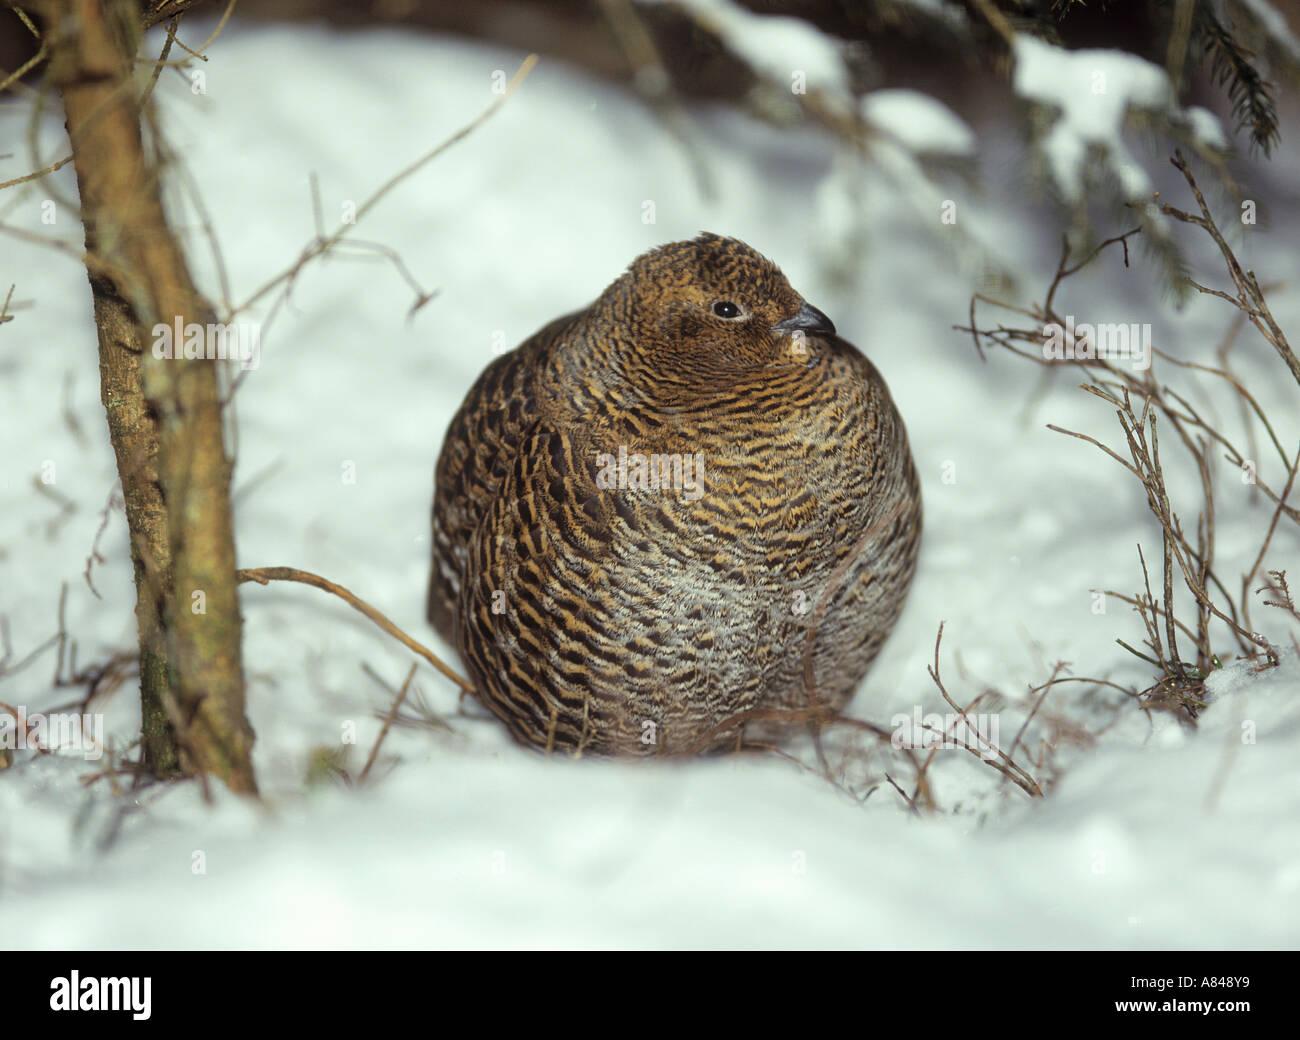 black grouse in snow / Lyrurus tetrix / Tetrao tetrix - Stock Image